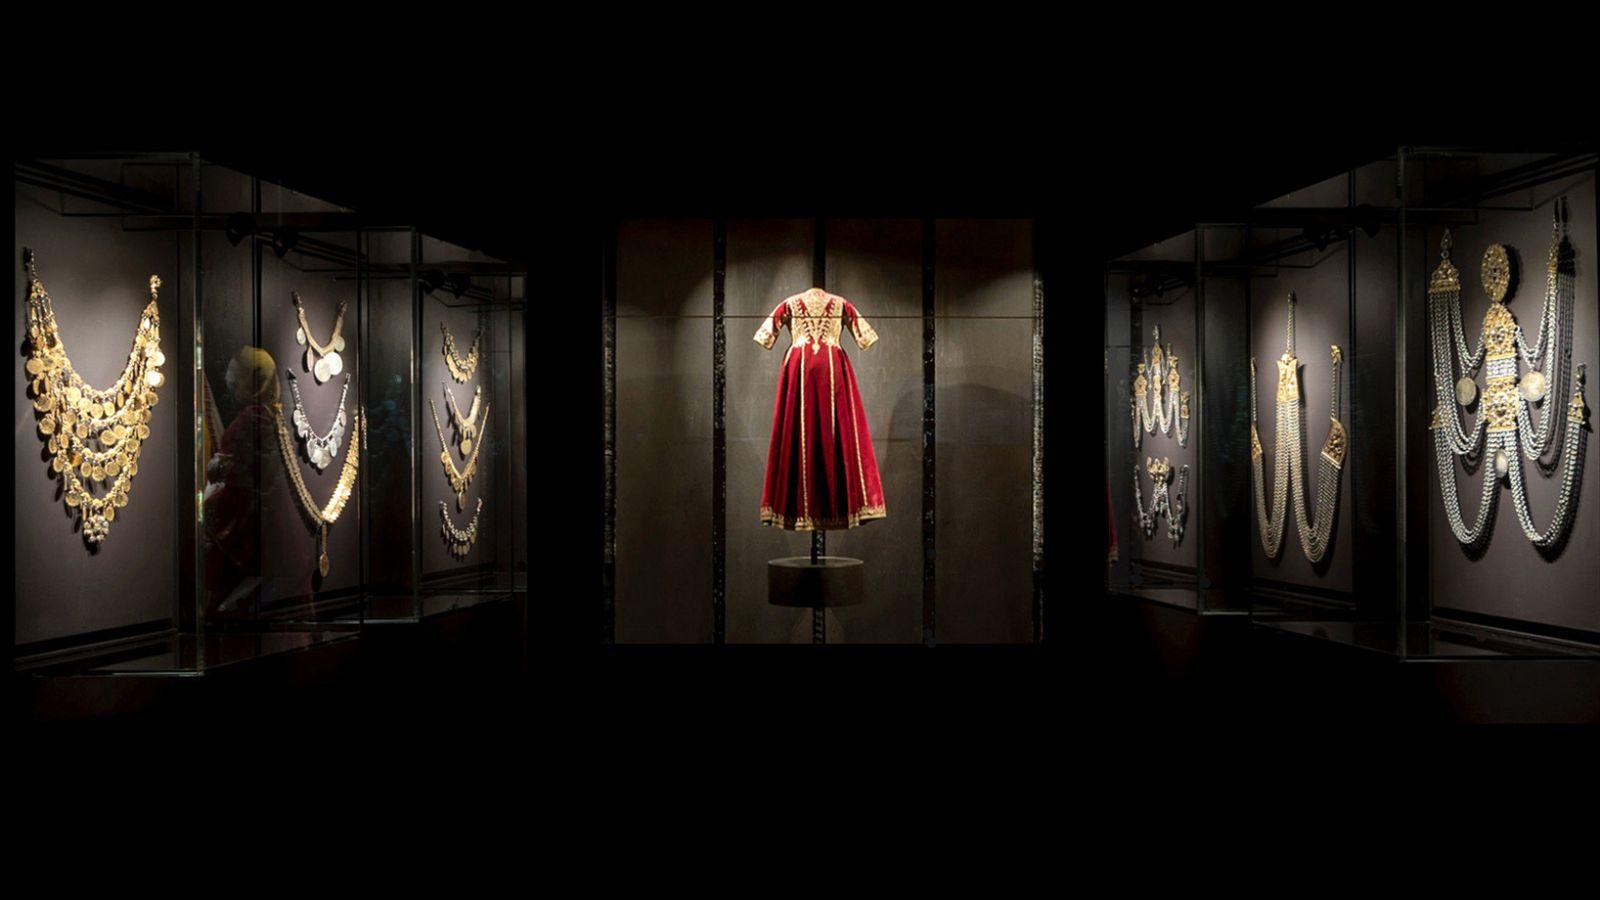 Μουσείο Μπενάκη: Ηλεκτρονική δημοπρασία έργων τέχνης από 50 ευρώ, για την οικονομική του επιβίωση